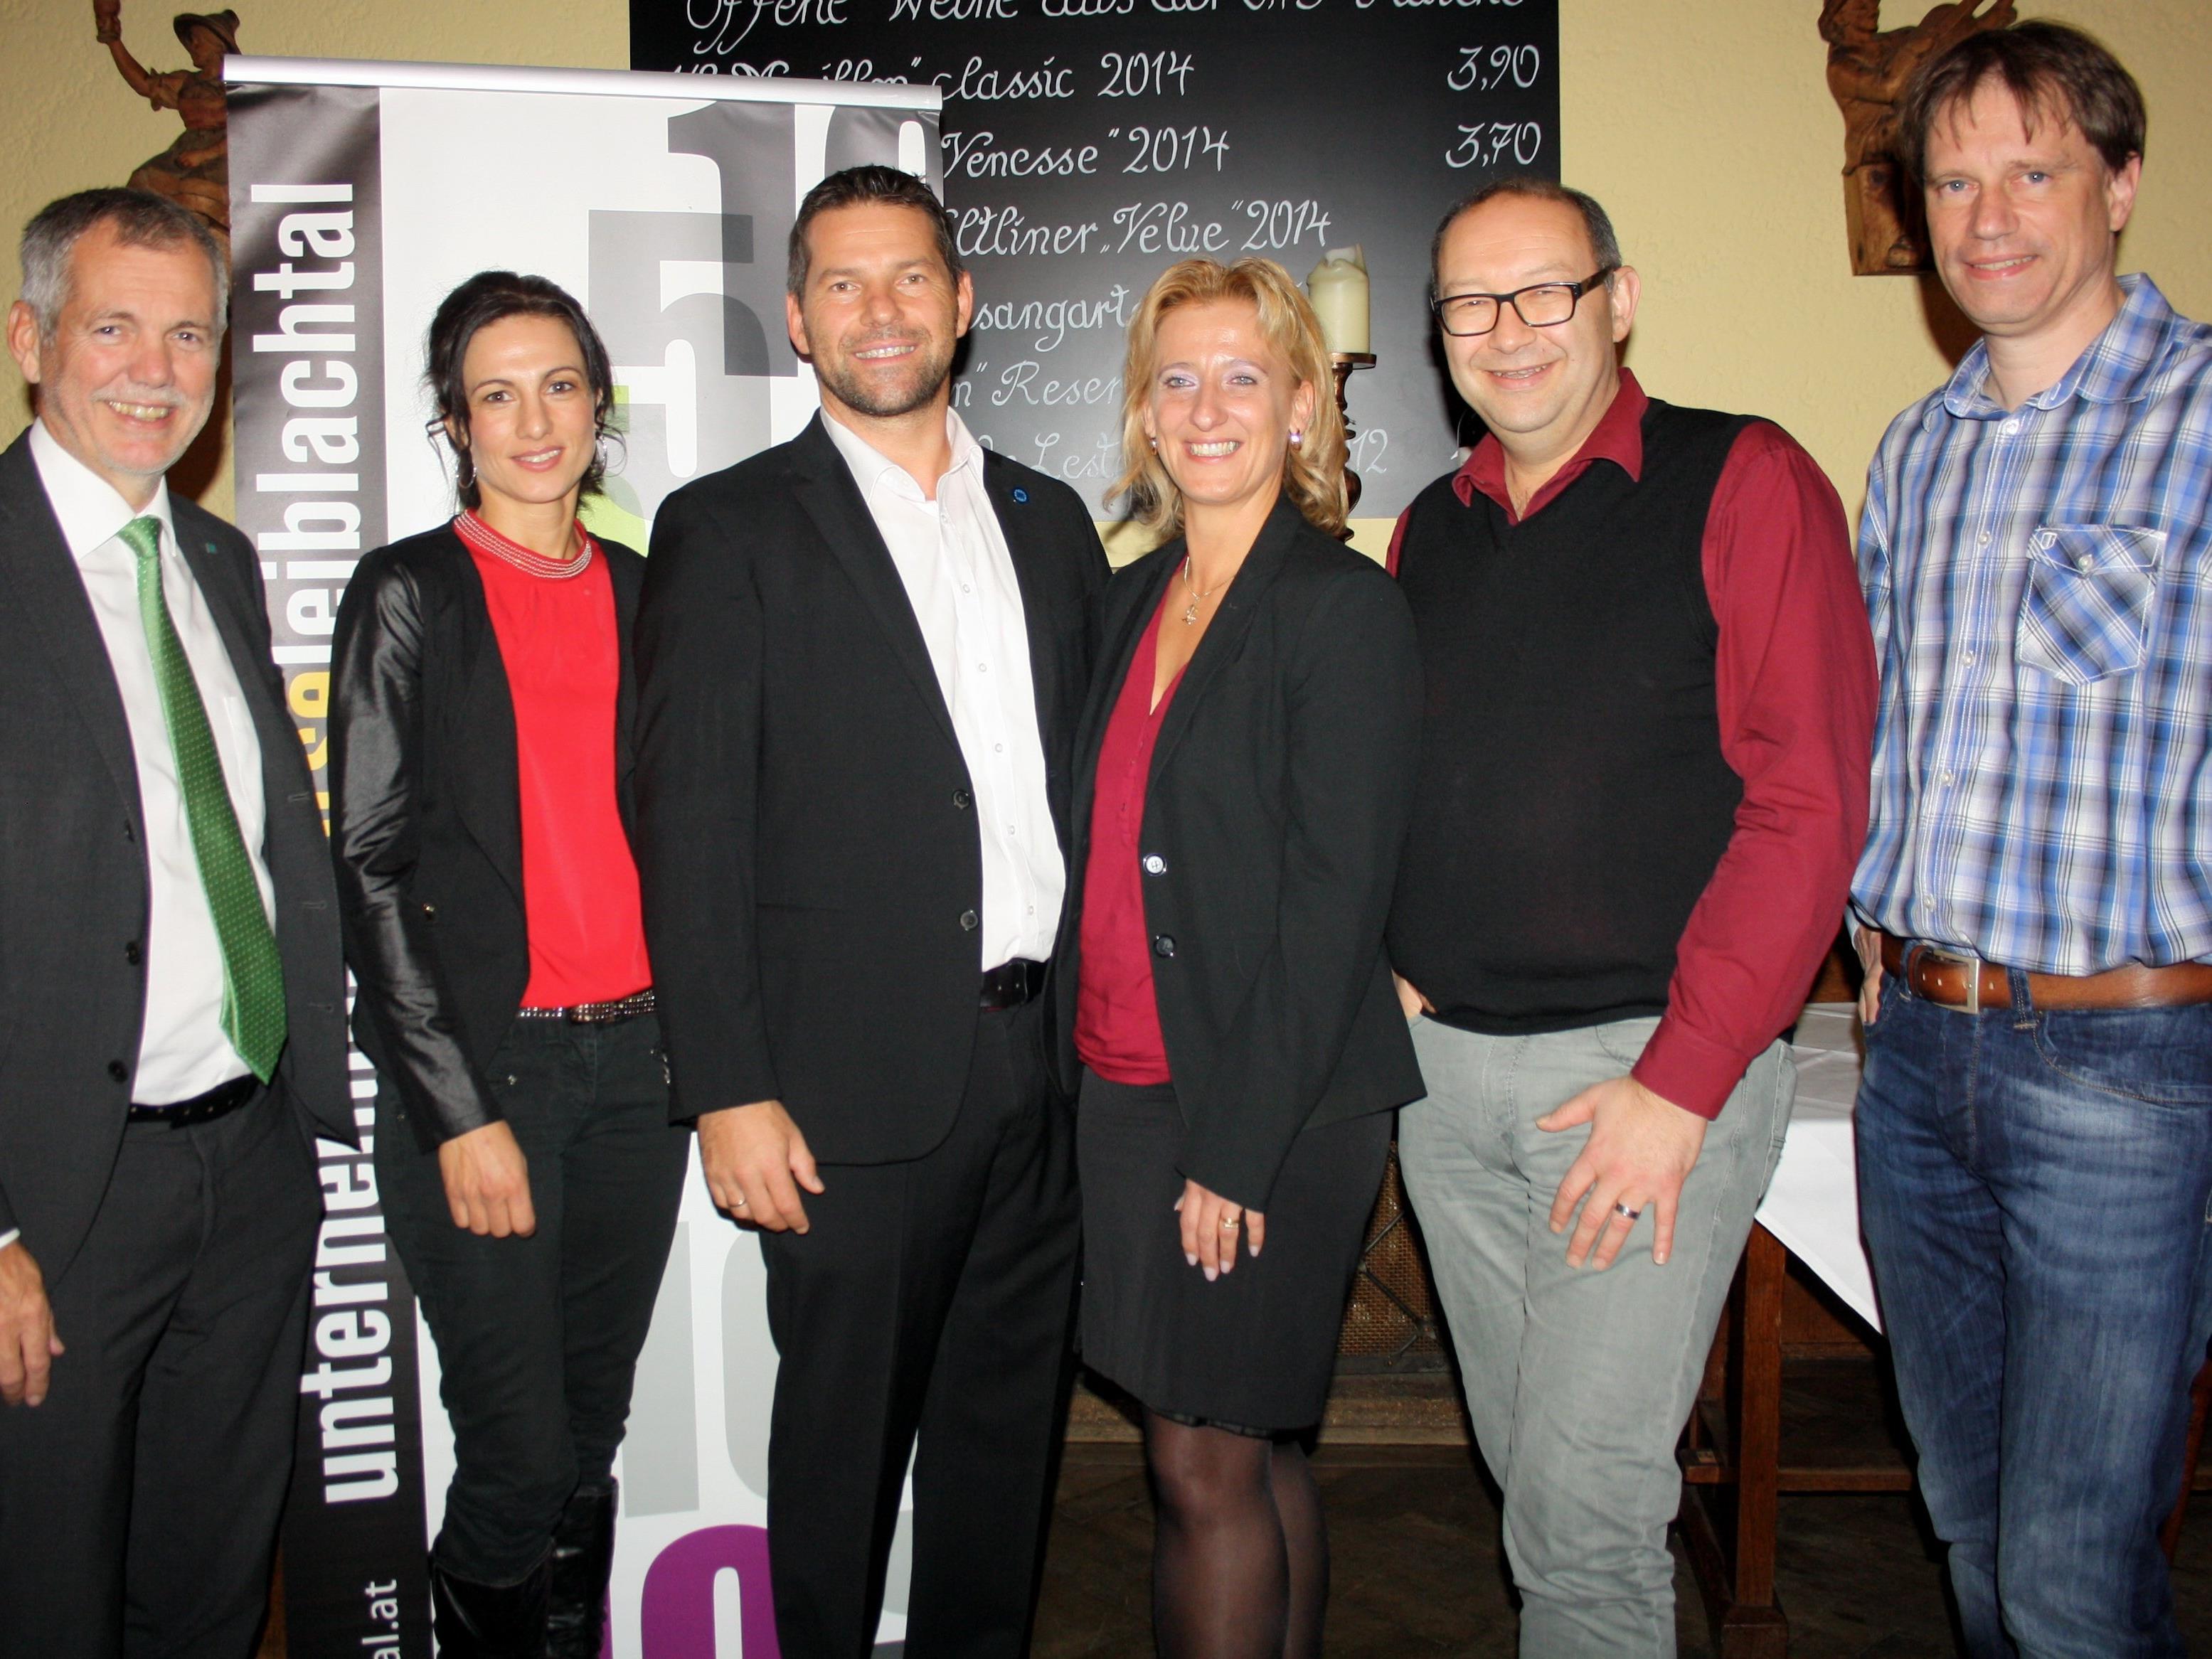 Der neu gewählte Vorstand der Unternehmerbörse Leiblachtal mit Robert Sturn, Claudia Zündel, Obmann Joachim Igl, Bianca Igl, Wolfgang Langes und Martin Smounig.